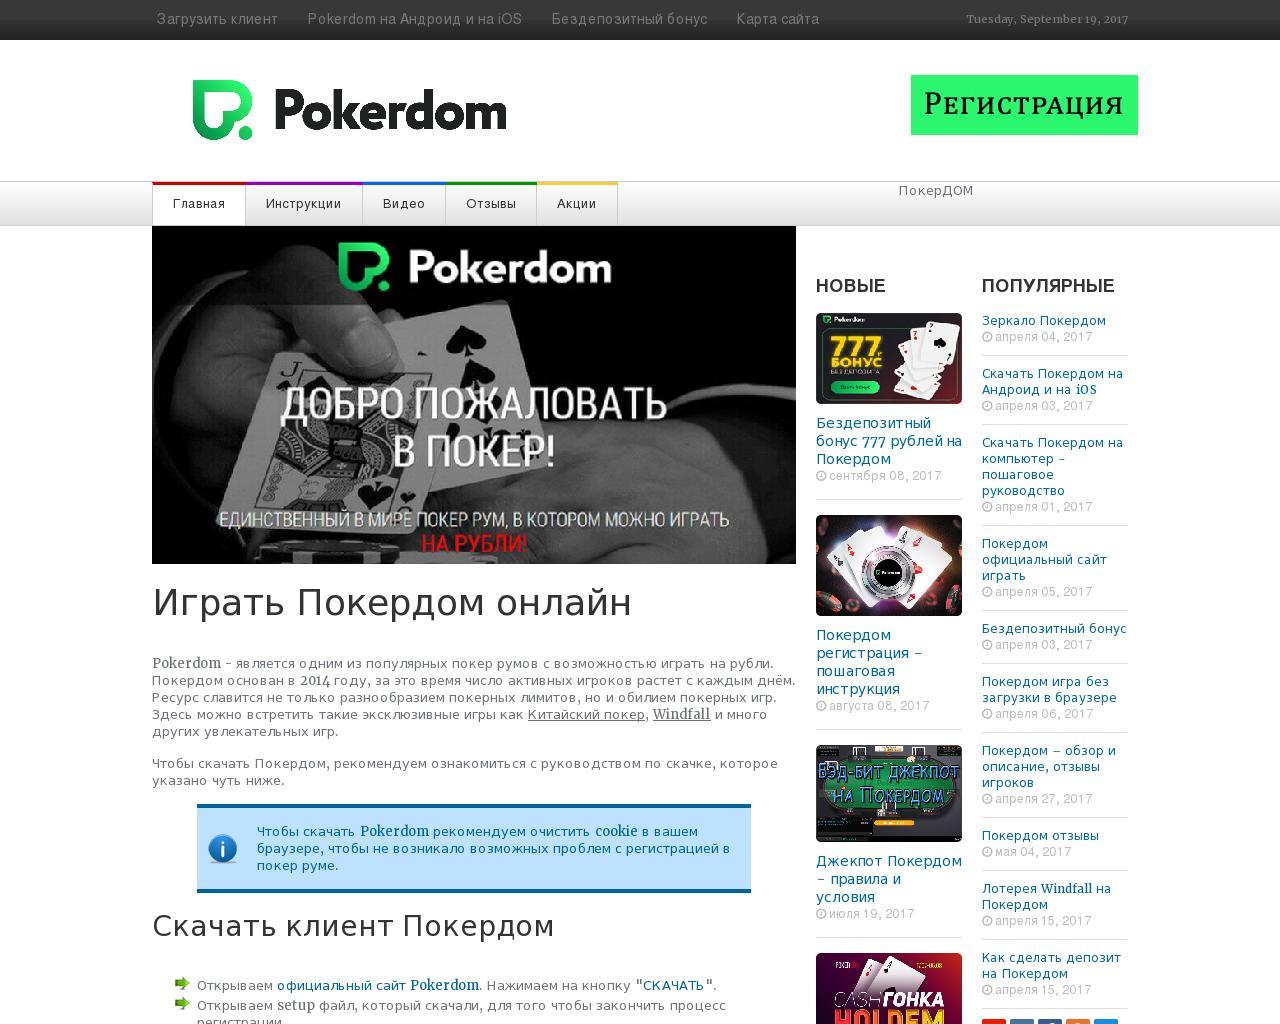 покердом официальный сайт играть зеркало